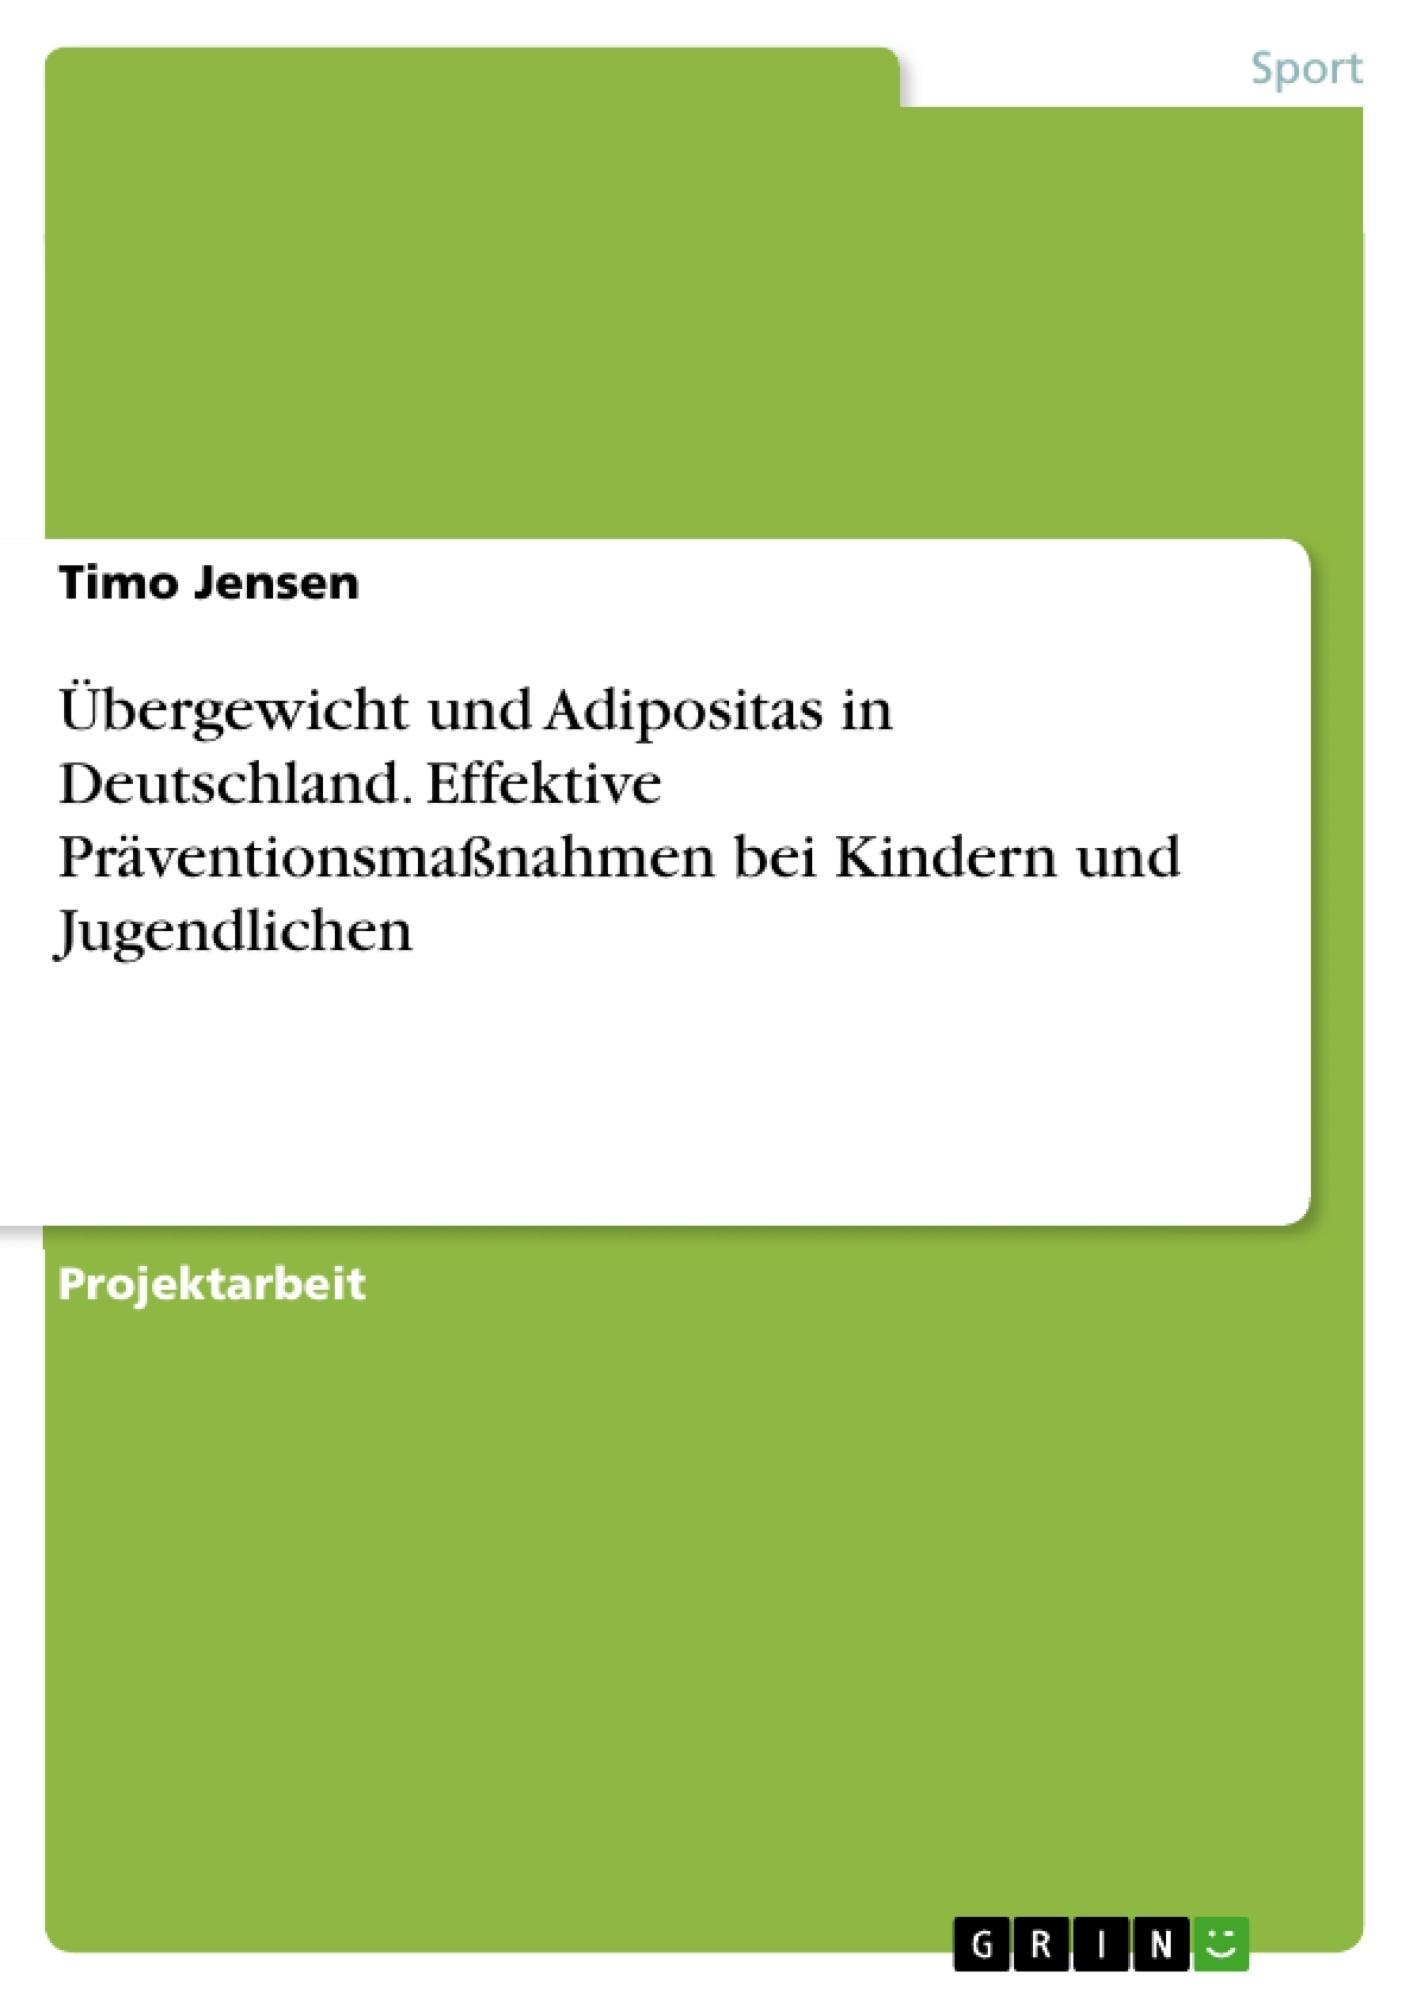 Titel: Übergewicht und Adipositas in Deutschland. Effektive Präventionsmaßnahmen bei Kindern und Jugendlichen